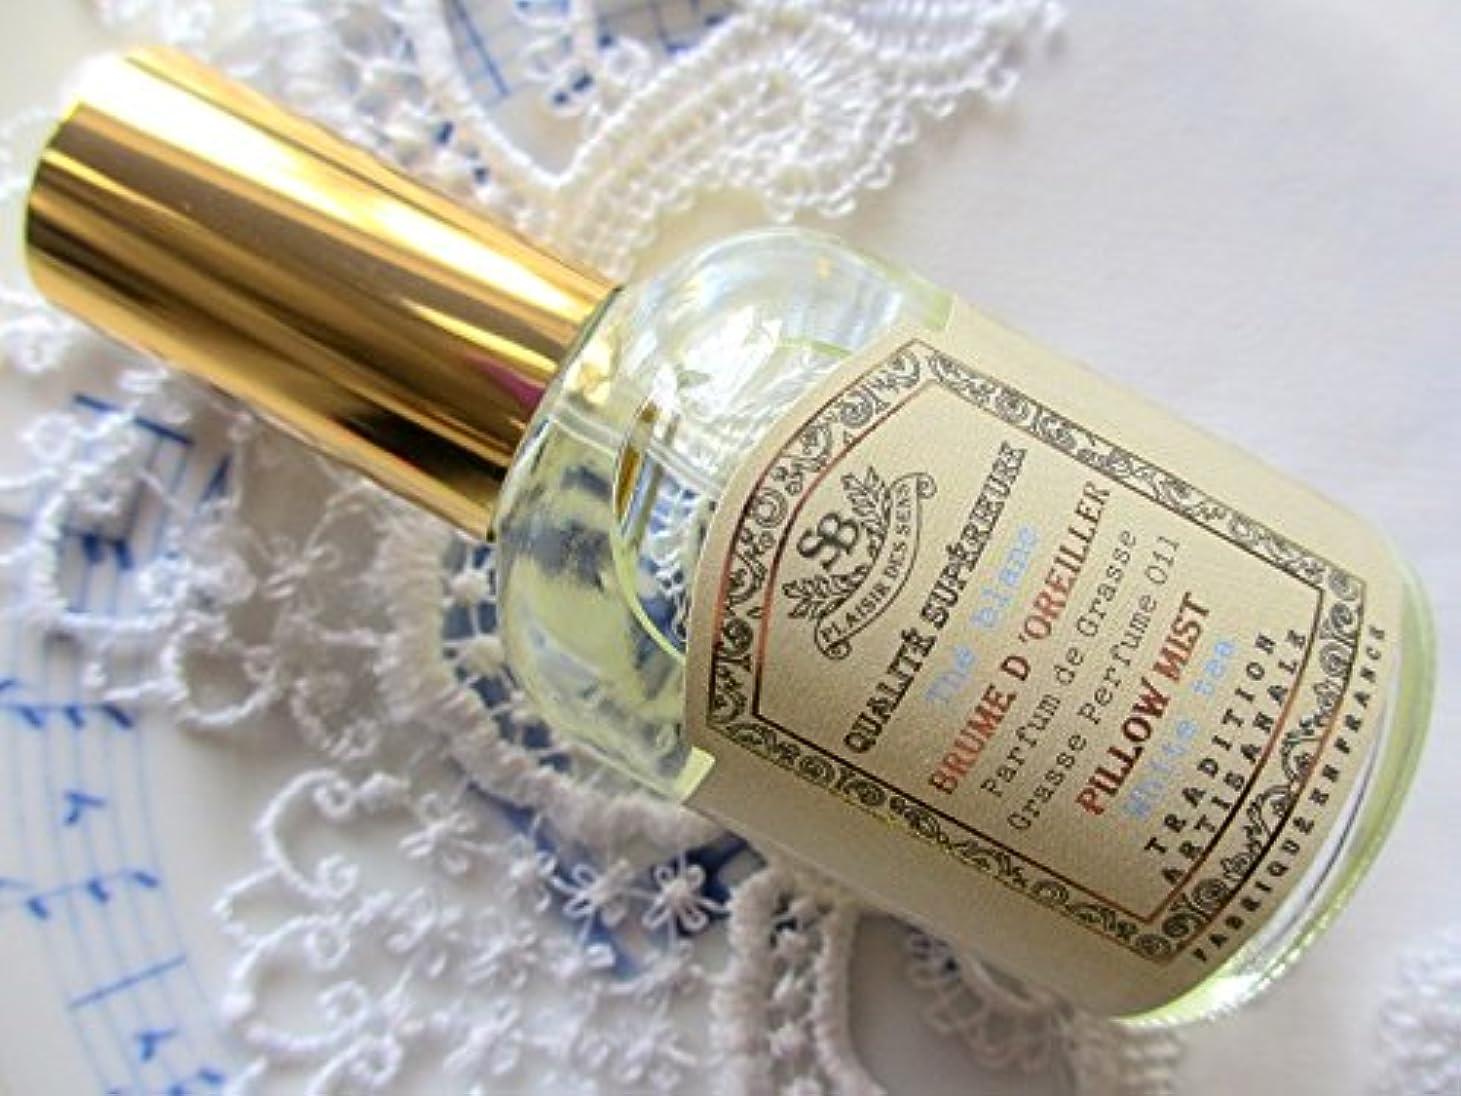 壊す降雨順応性のあるSenteur et Beaute(サンタールエボーテ) French classic(フレンチクラシックシリーズ) ピローミスト 50ml 「ホワイトティー」 4994228024350